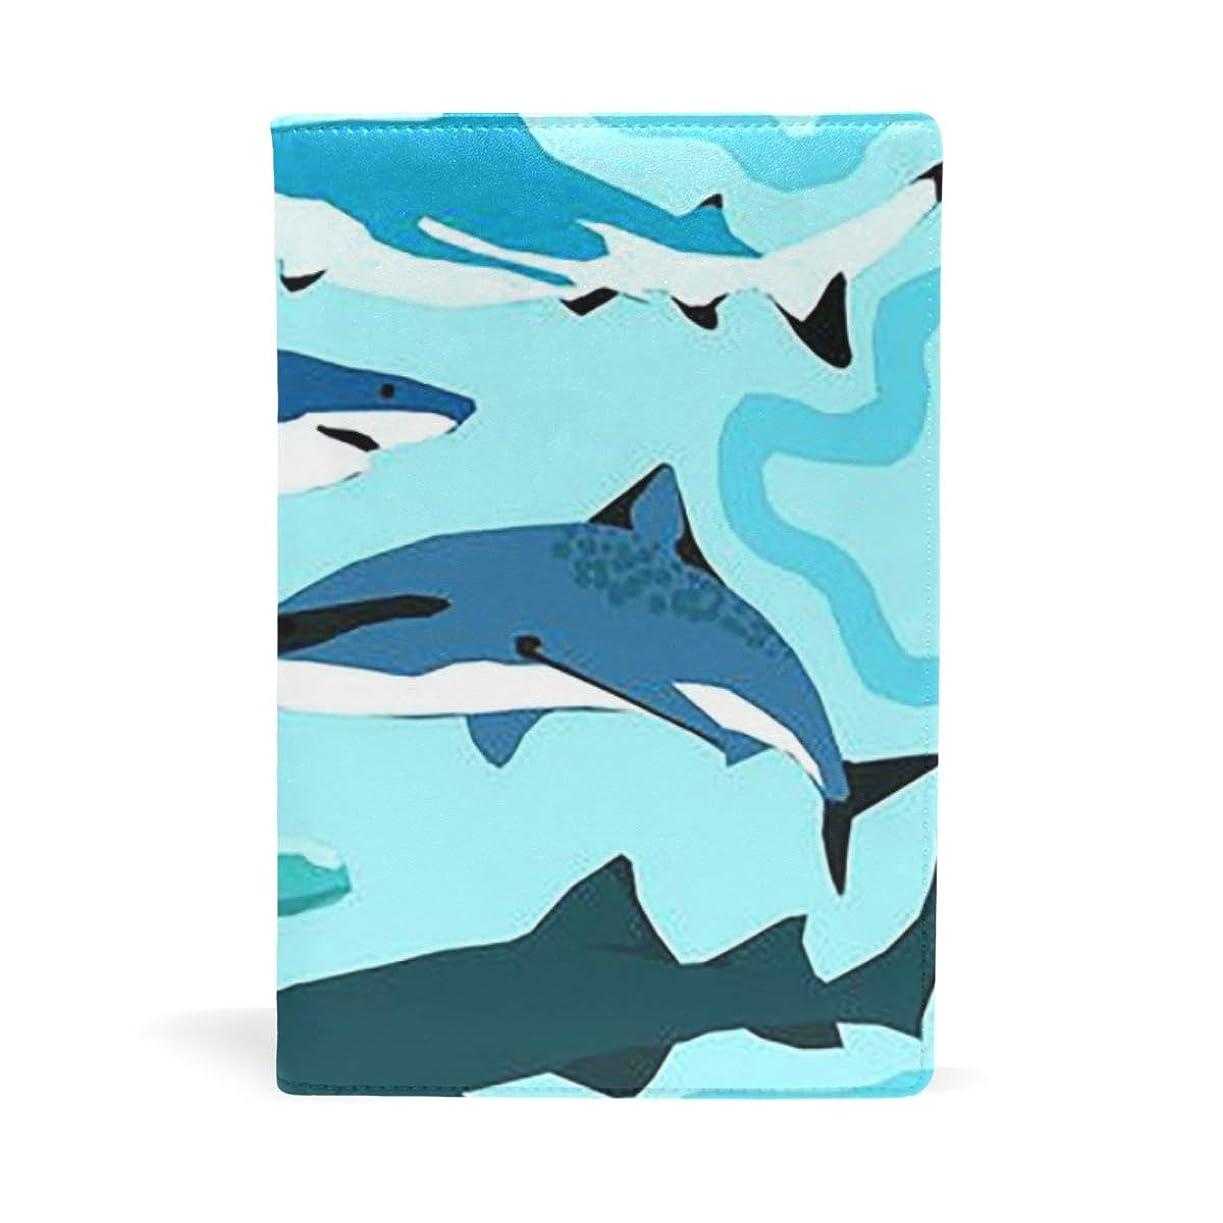 完璧メアリアンジョーンズ政治可愛いのサメ ブックカバー 文庫 a5 皮革 おしゃれ 文庫本カバー 資料 収納入れ オフィス用品 読書 雑貨 プレゼント耐久性に優れ